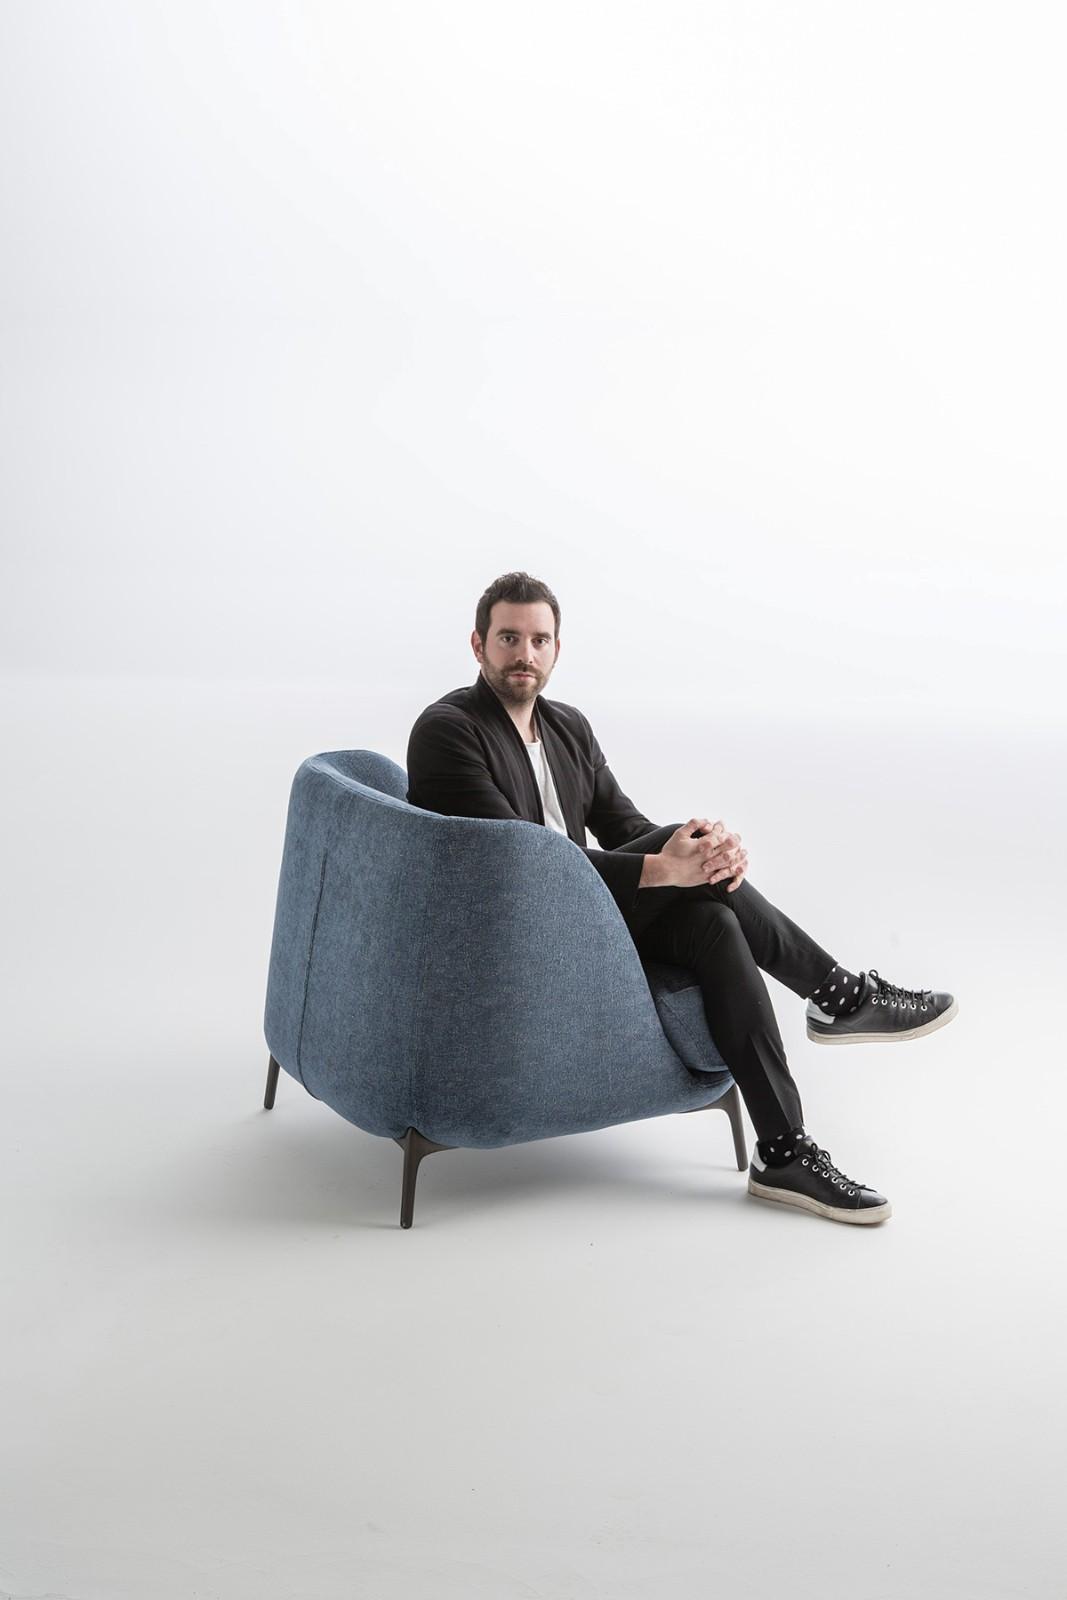 VARIANTI  Novamobili designer Matteo Zorzenoni poltrona Velvet